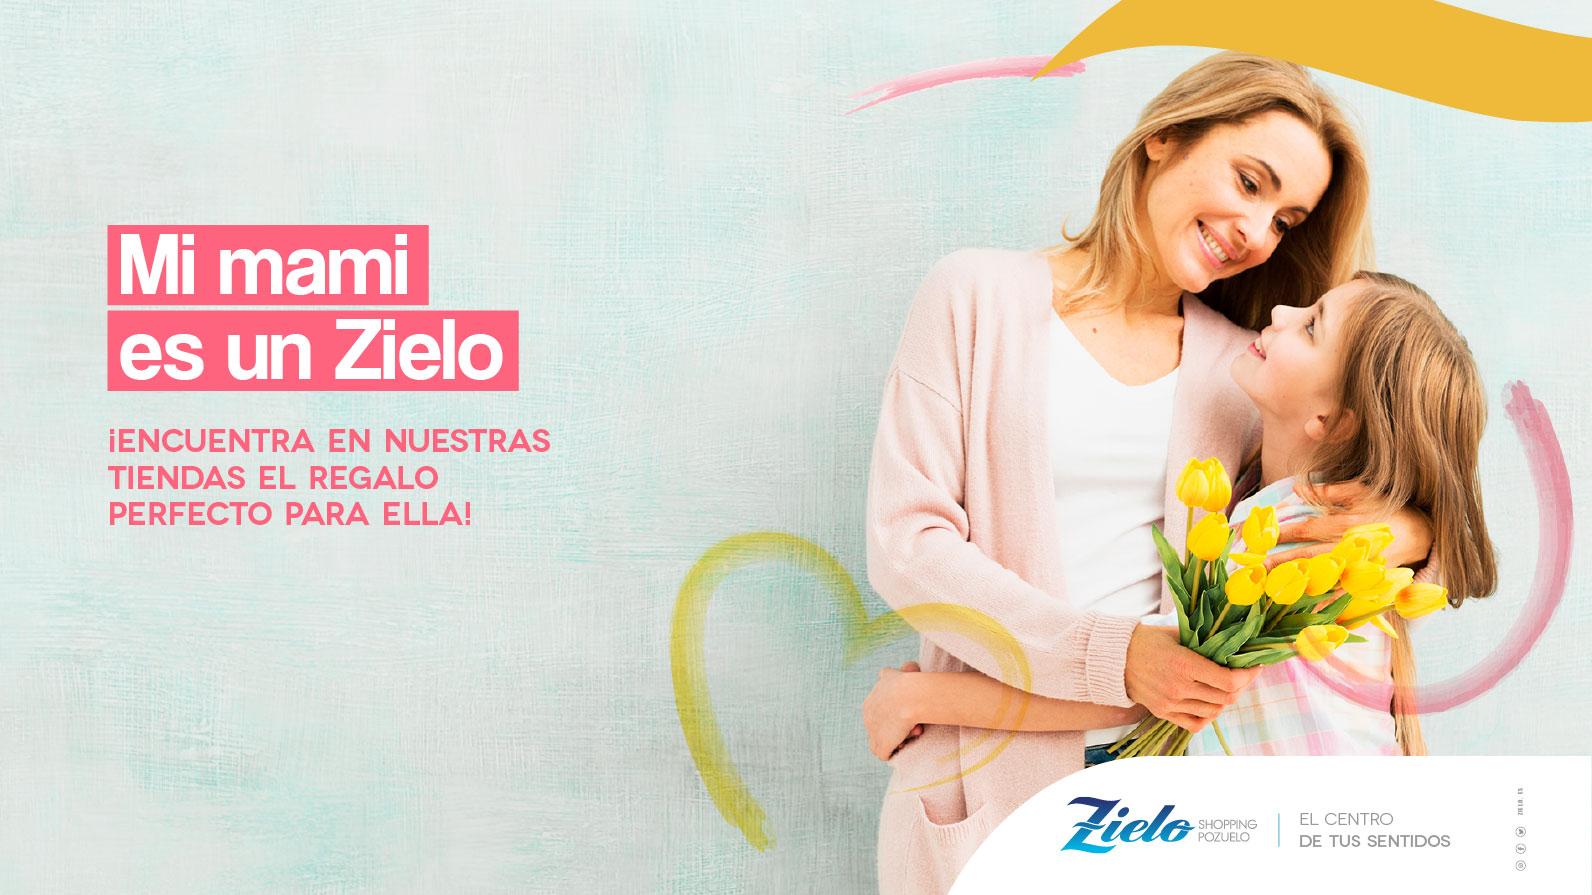 ¡Ven a Zielo Shopping y encontrarás el mejor regalo para tu madre!